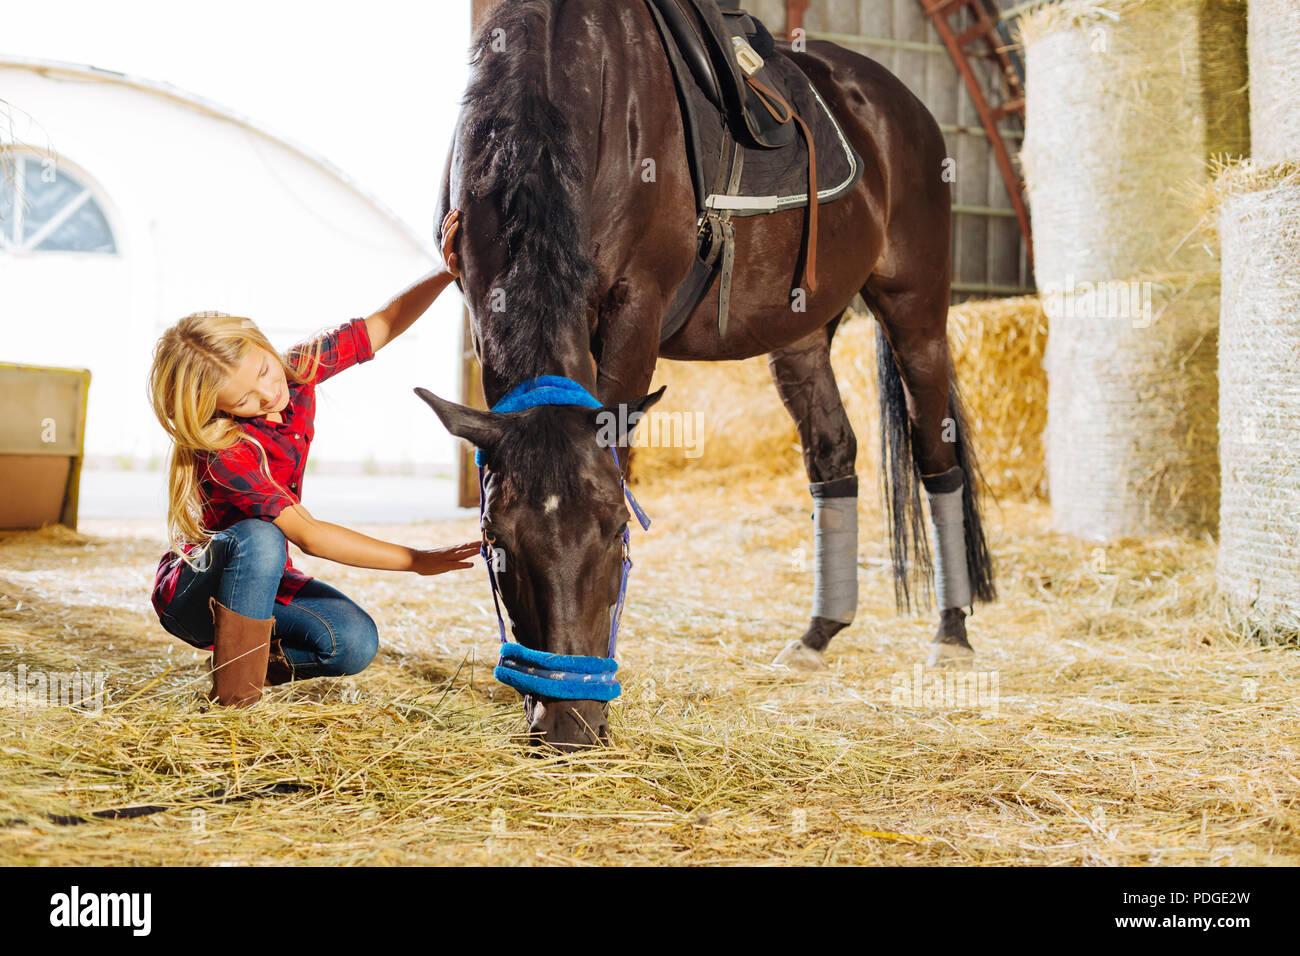 Emotionale cowboy girl Streicheln schön Dark Horse Stockbild